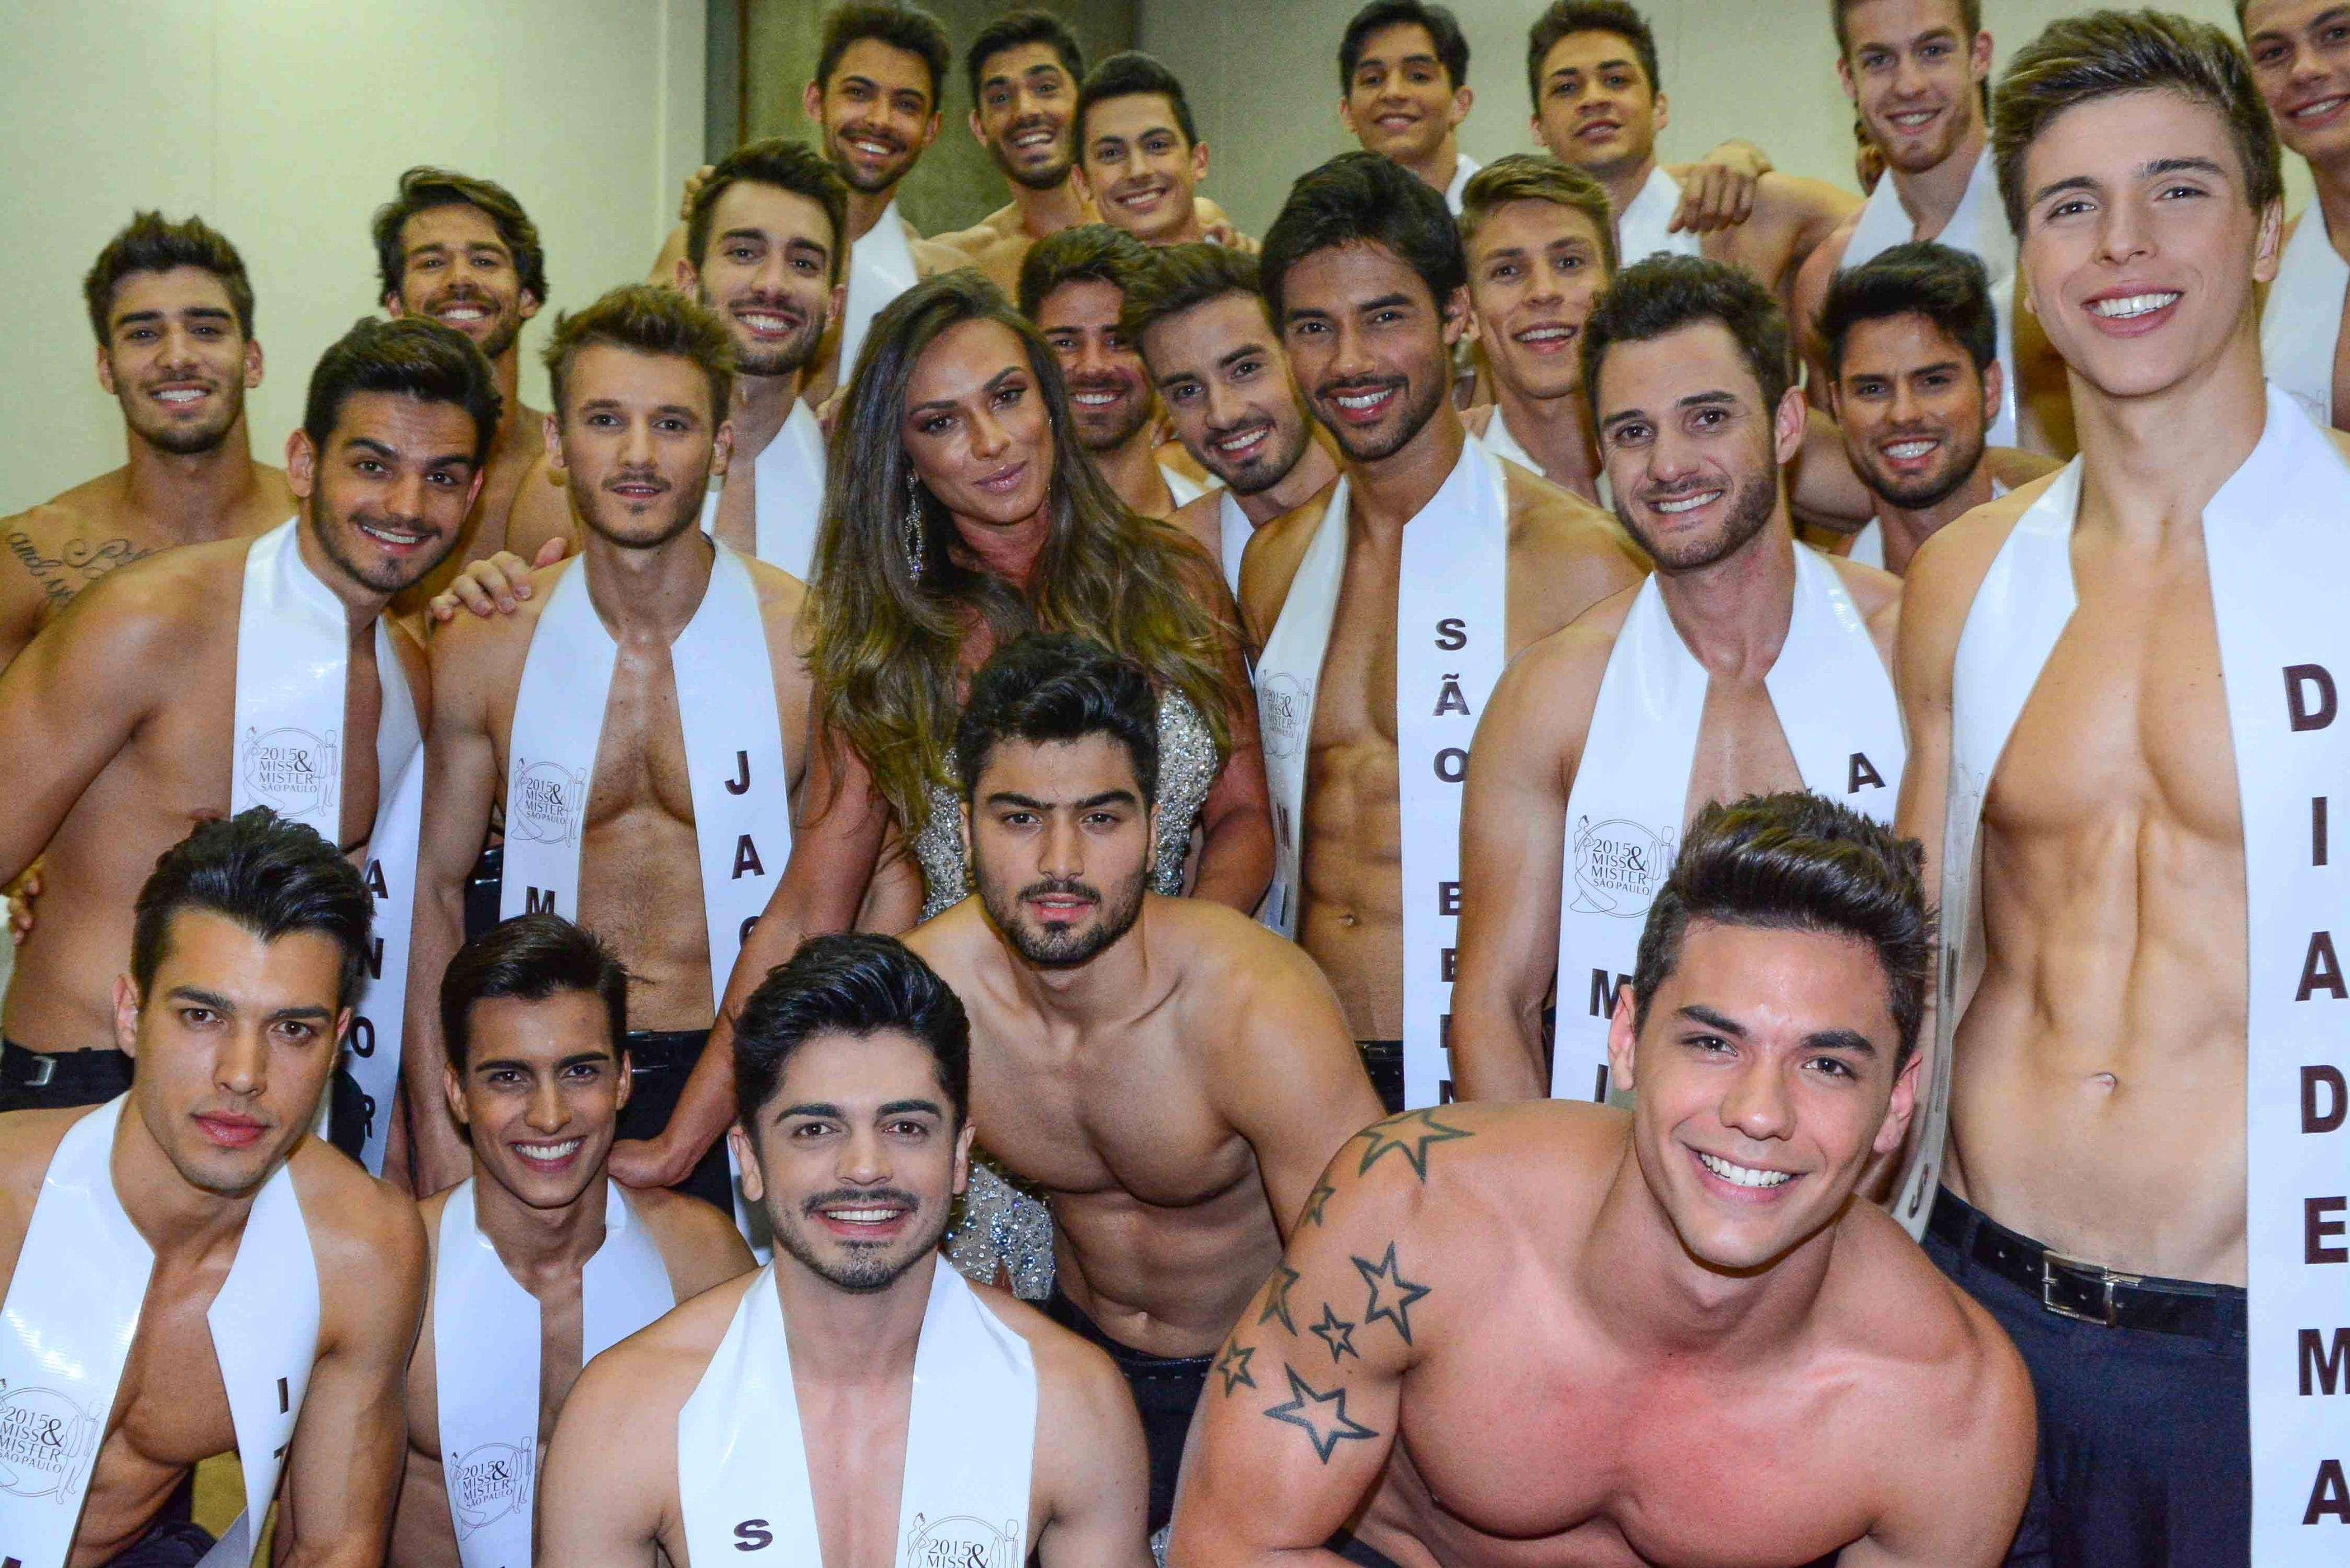 Nicole Bahls fez sucesso com os concorrentes do concurso Mister Mundo 2015, que aconteceu na noite de sábado (23), em São Paulo. A apresentadora do programa 'Pânico' foi uma das juradas do evento Foto: Leo Franco/AgNews